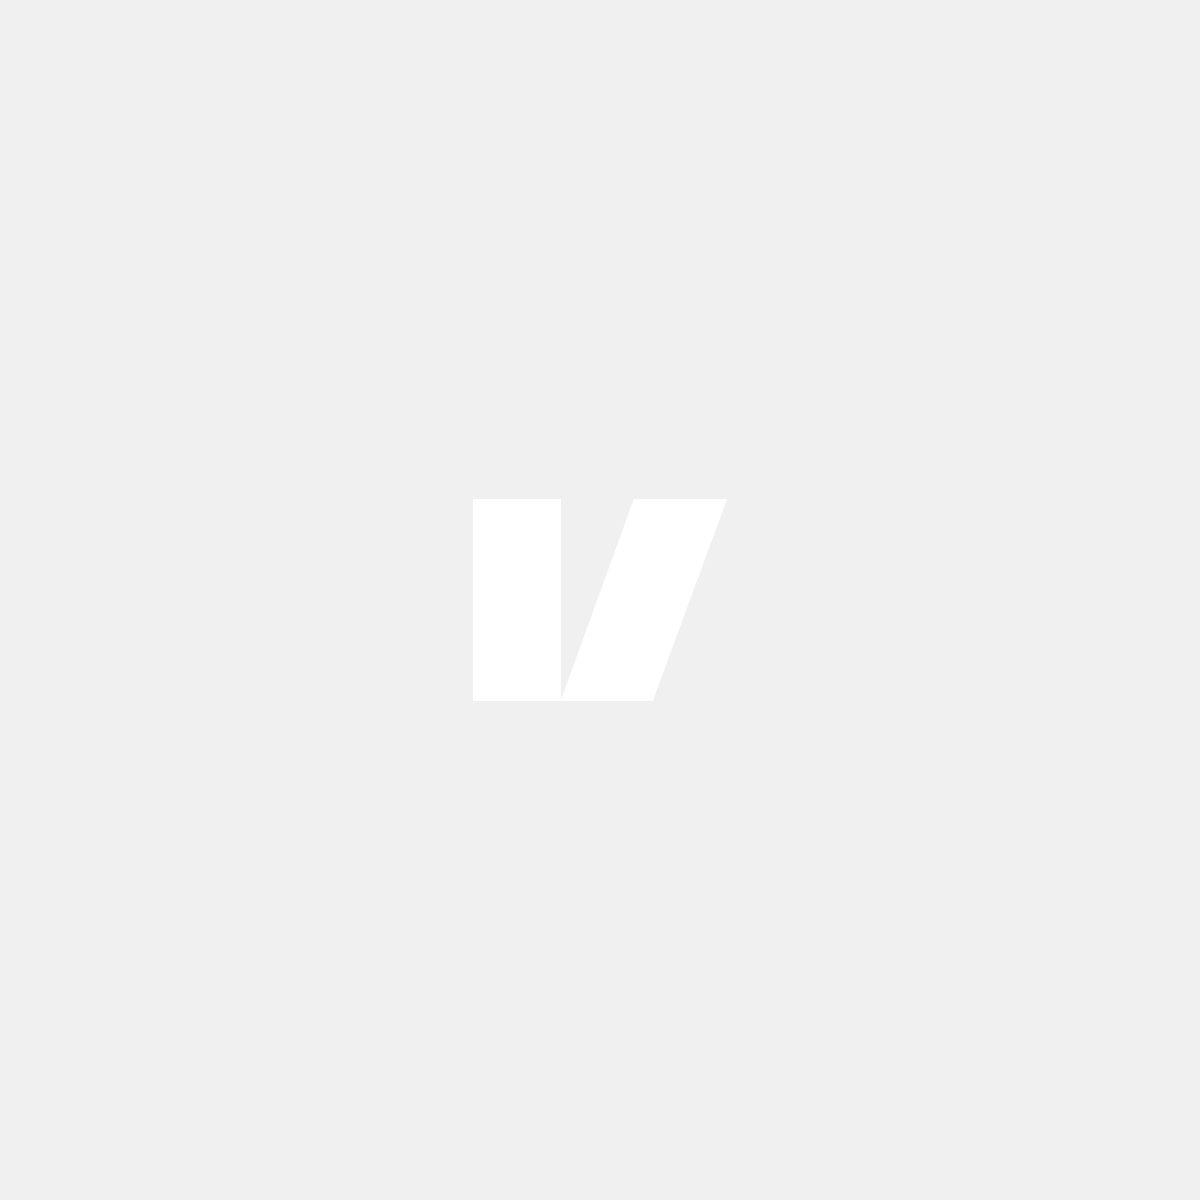 Mattkromade backspegelkåpor till Volvo XC60 14-